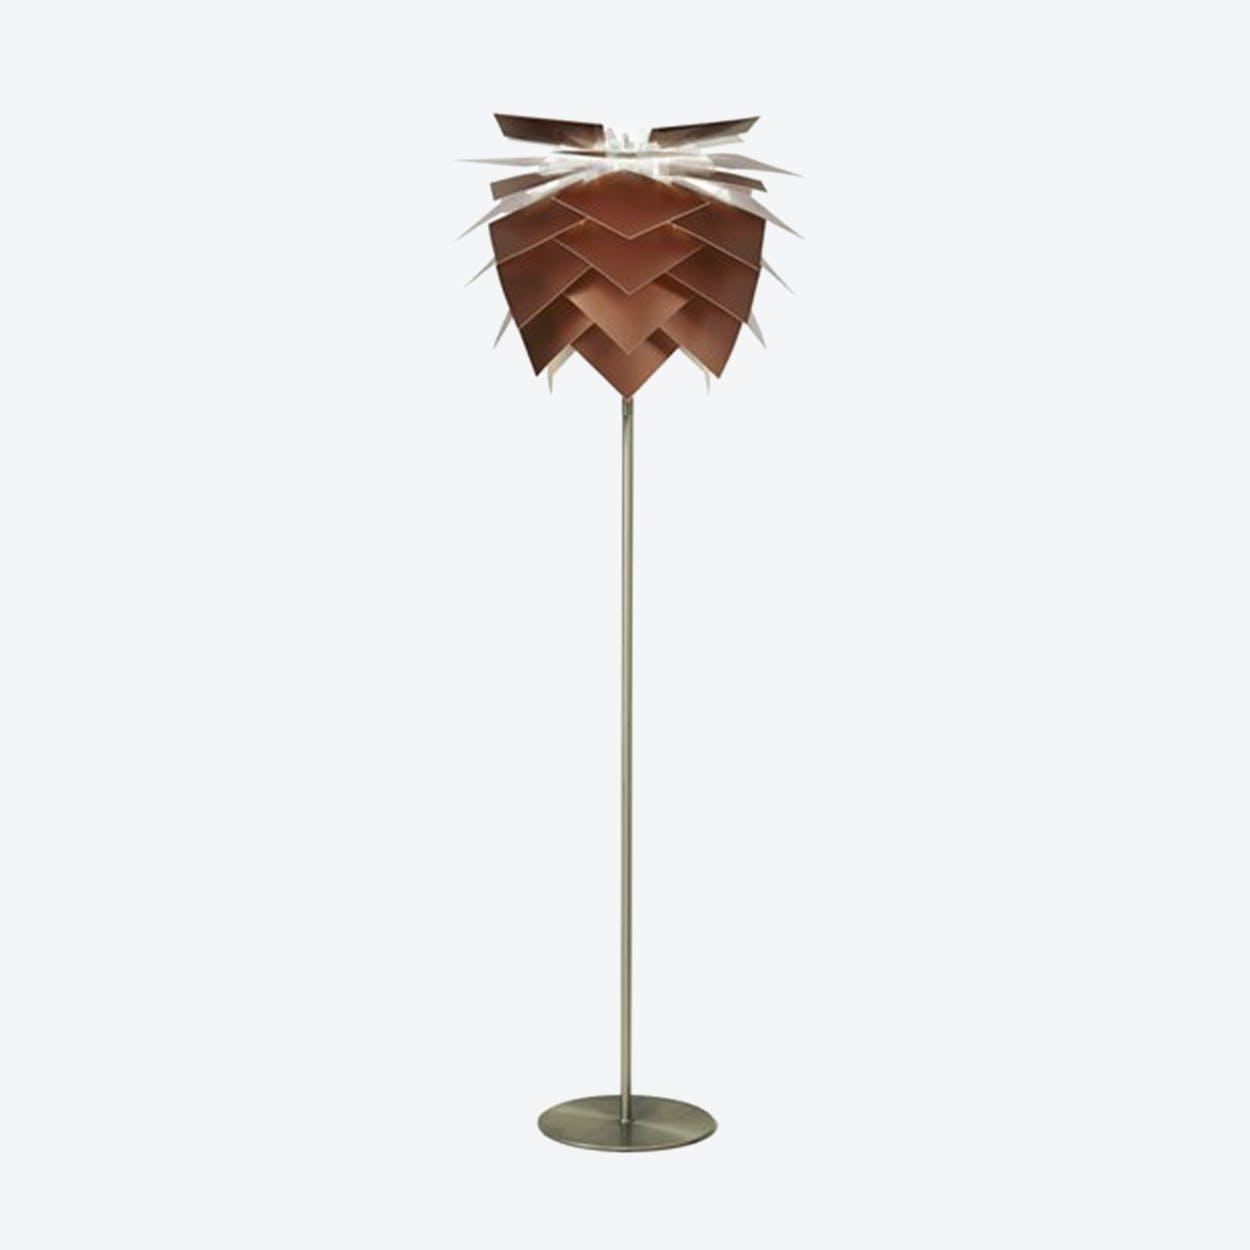 Medium PineApple Copper Look Floor Lamp in Matte Satin Finish